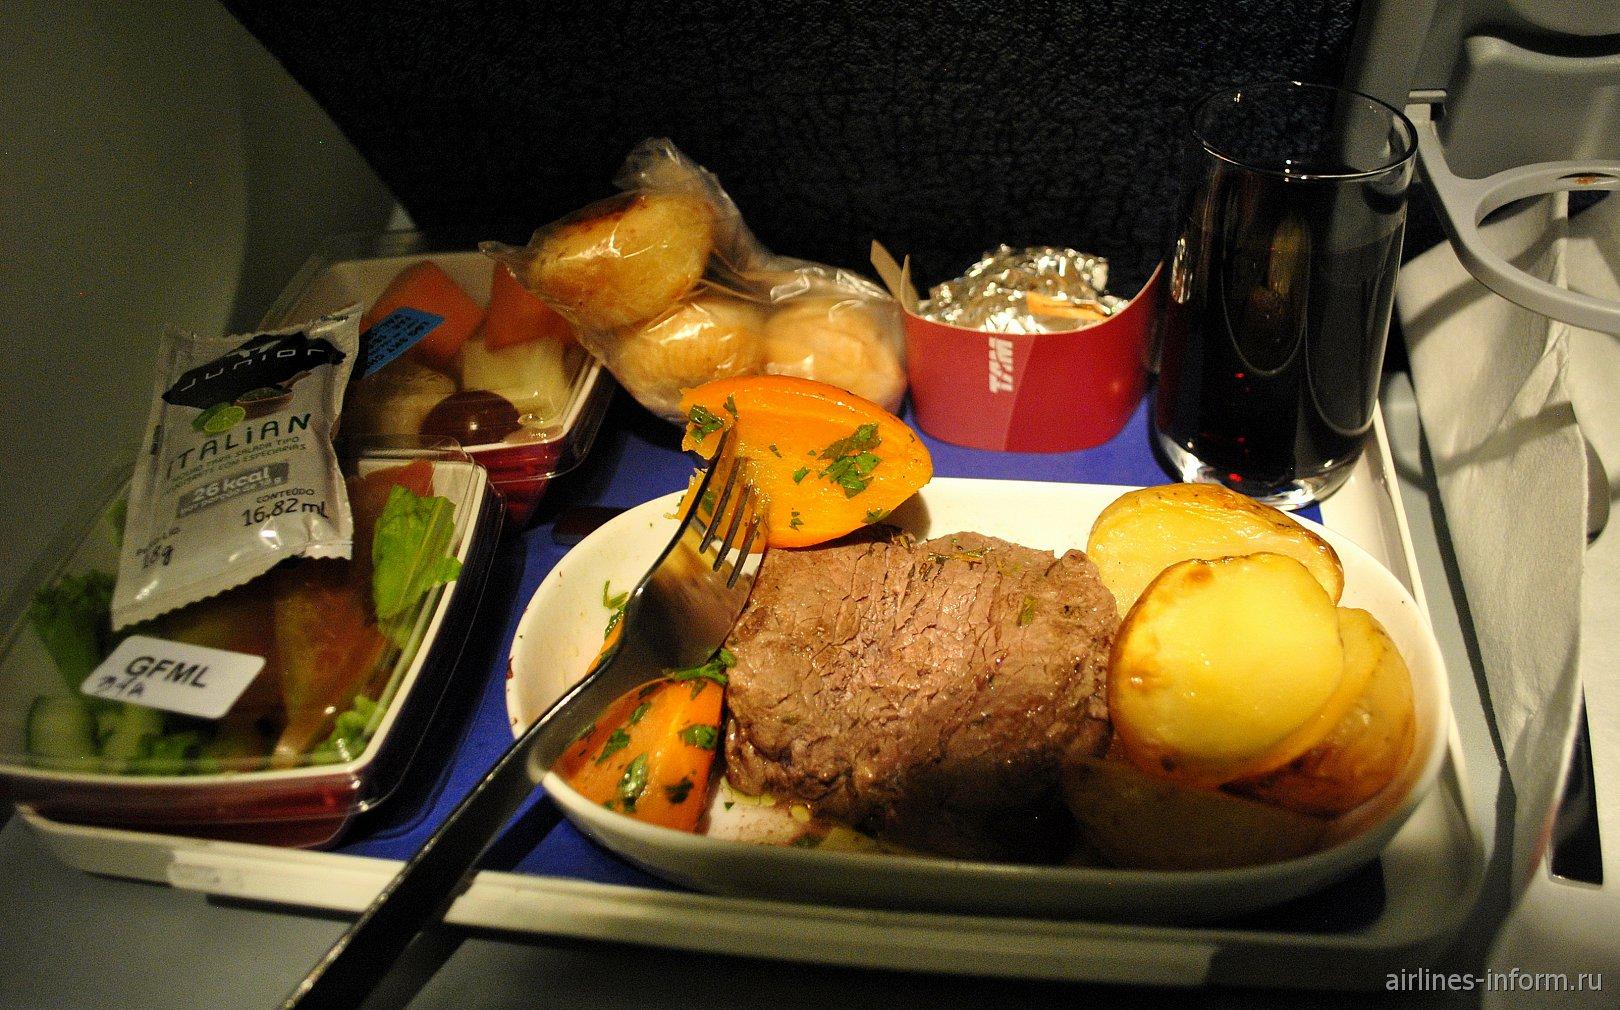 Бортовое питание эконом-класса на рейсе Сан-Паулу-Милан авиакомпании LATAM Brasil